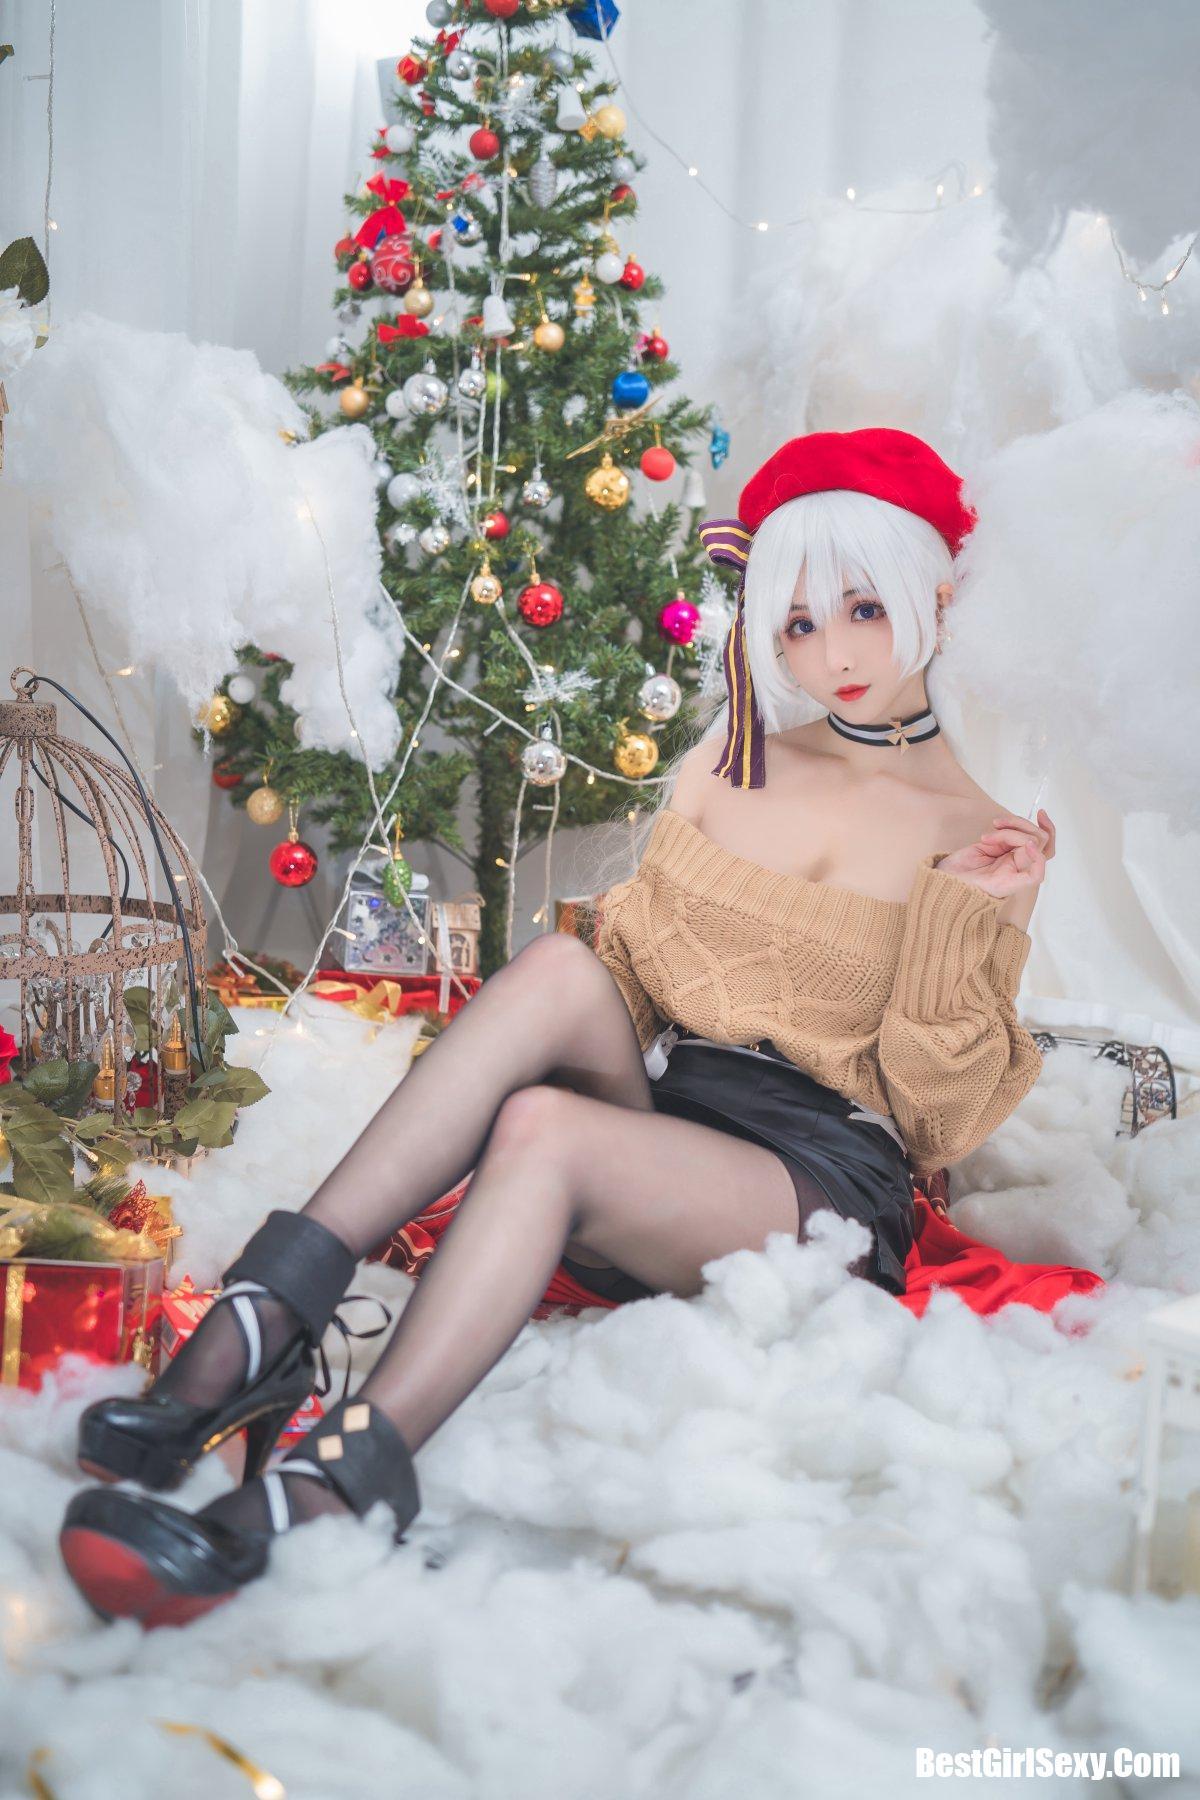 圣诞贝尔法斯特, rioko凉凉子, Coser@rioko凉凉子 Vol.030 圣诞贝尔法斯特